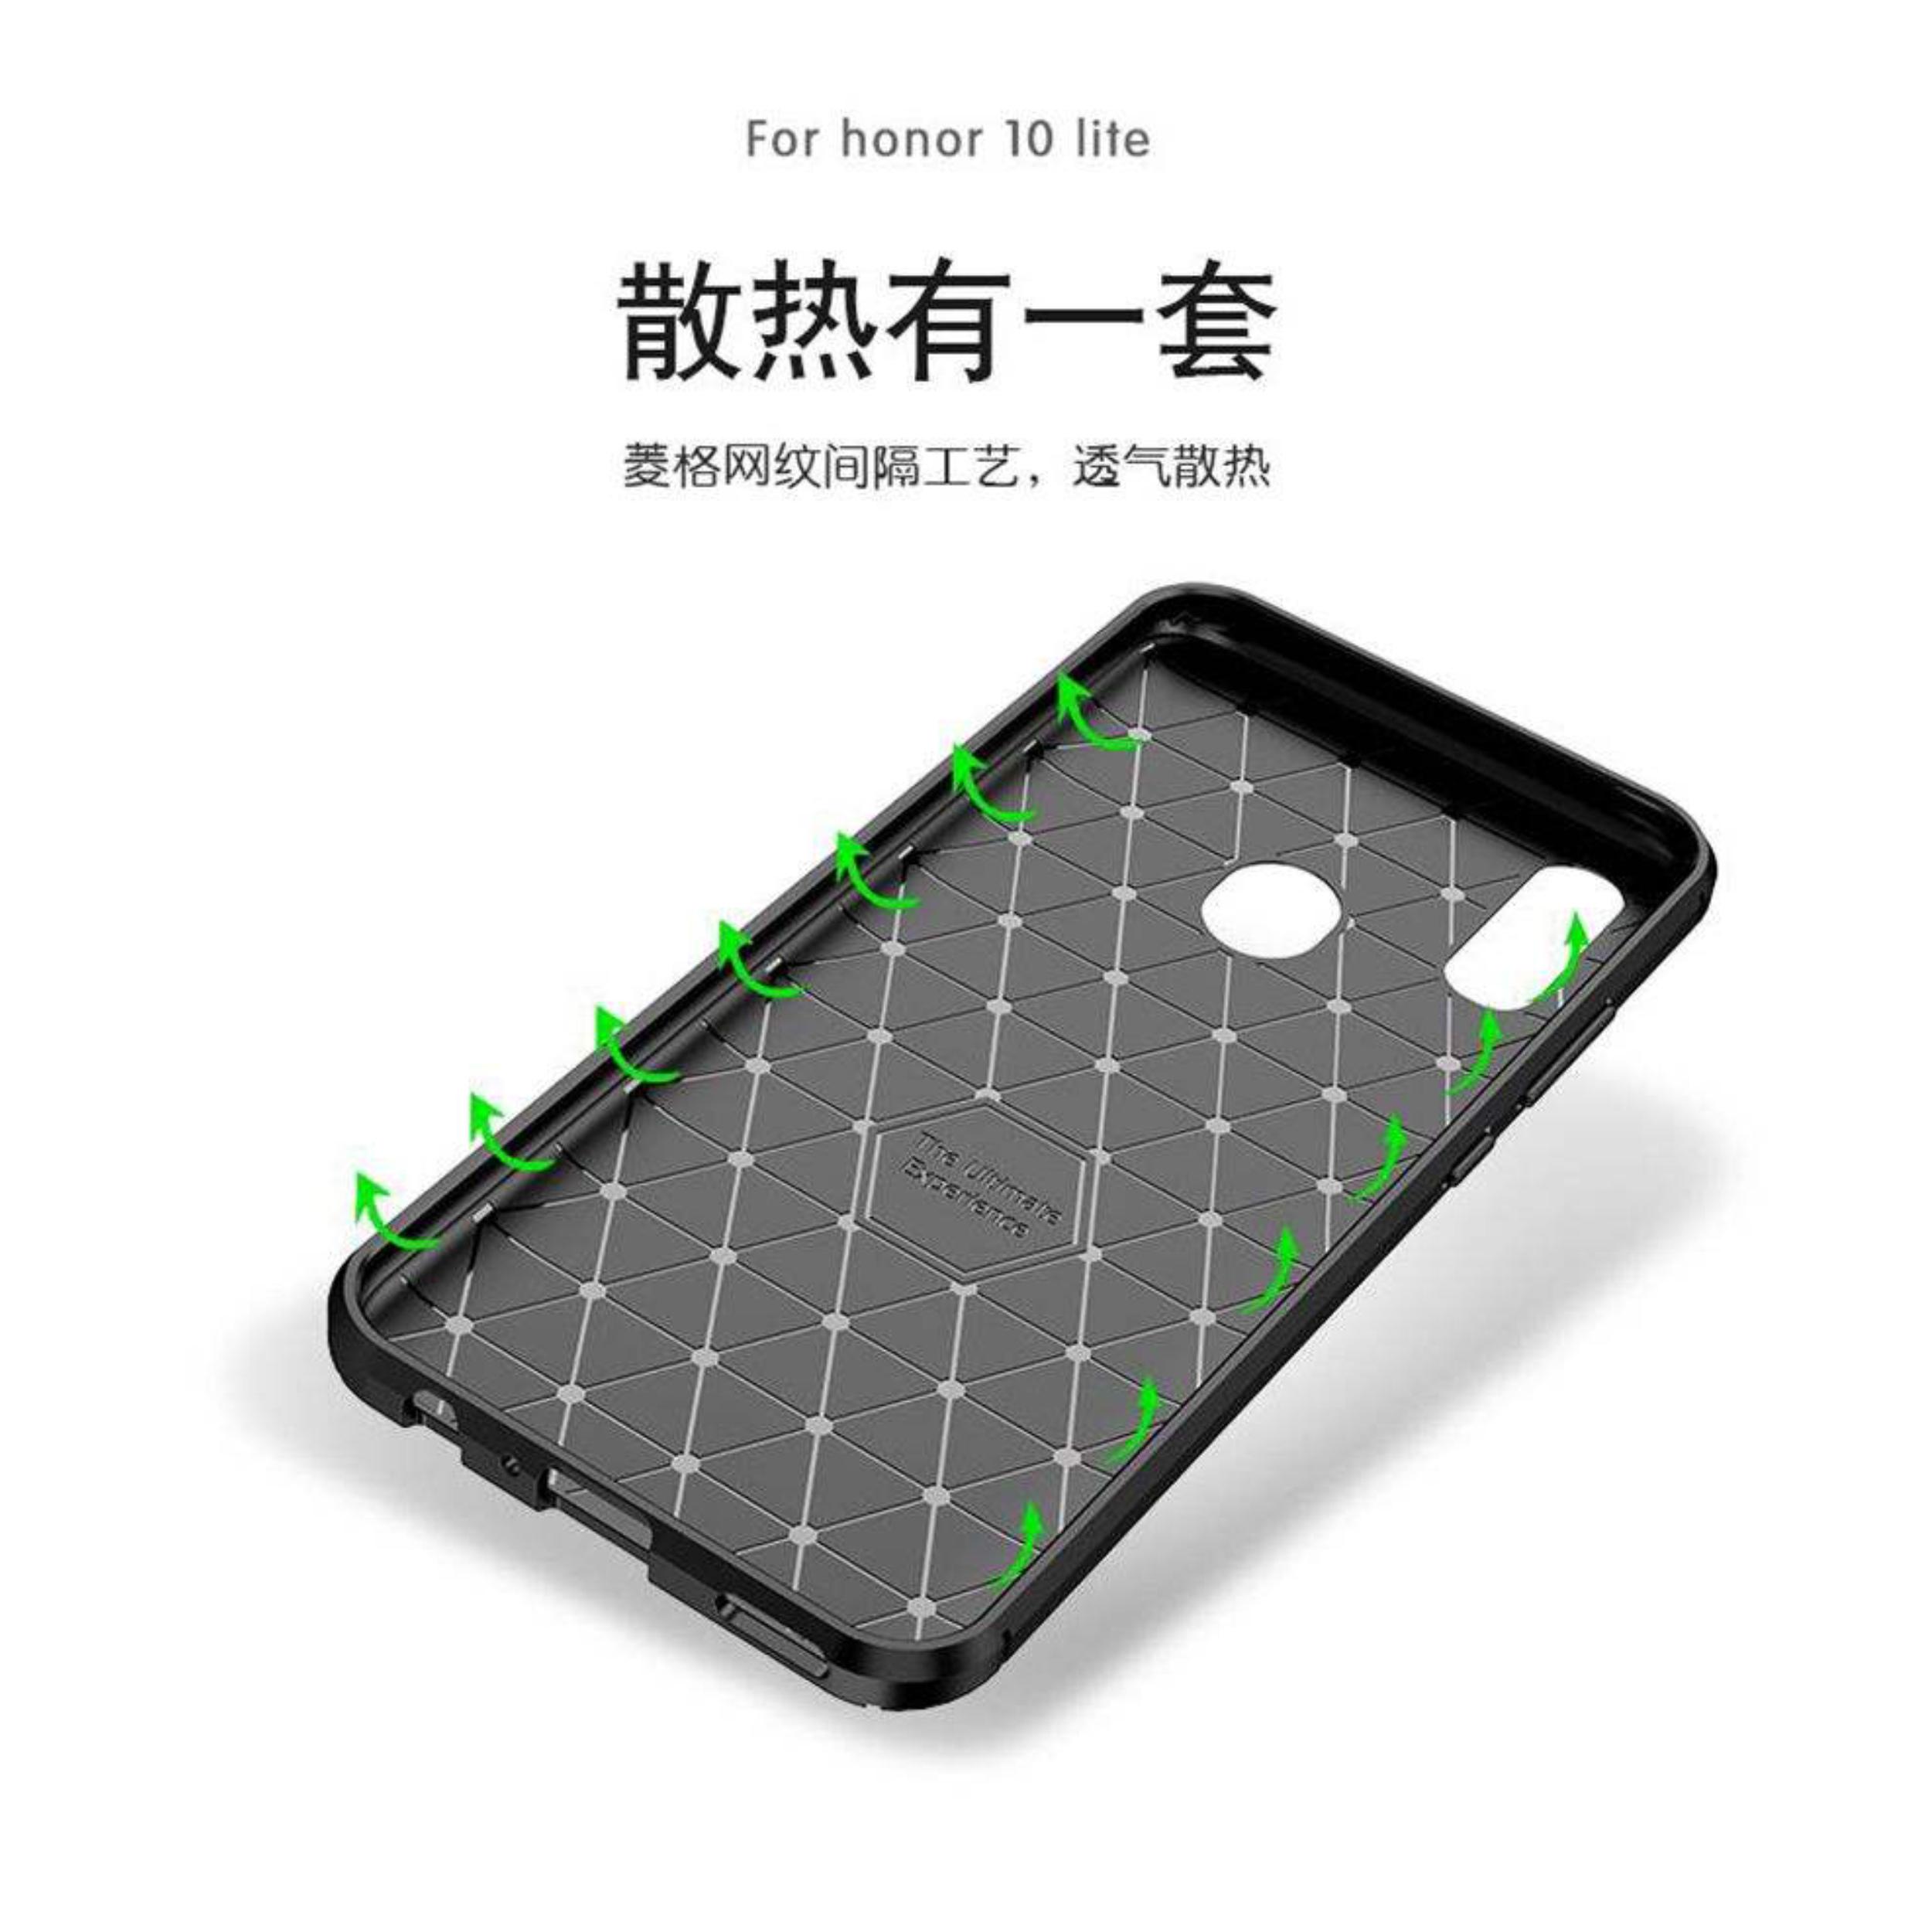 کاور لاین کینگ مدل A21 مناسب برای گوشی موبایل هوآوی P Smart 2019/ آنر 10Lite thumb 2 11